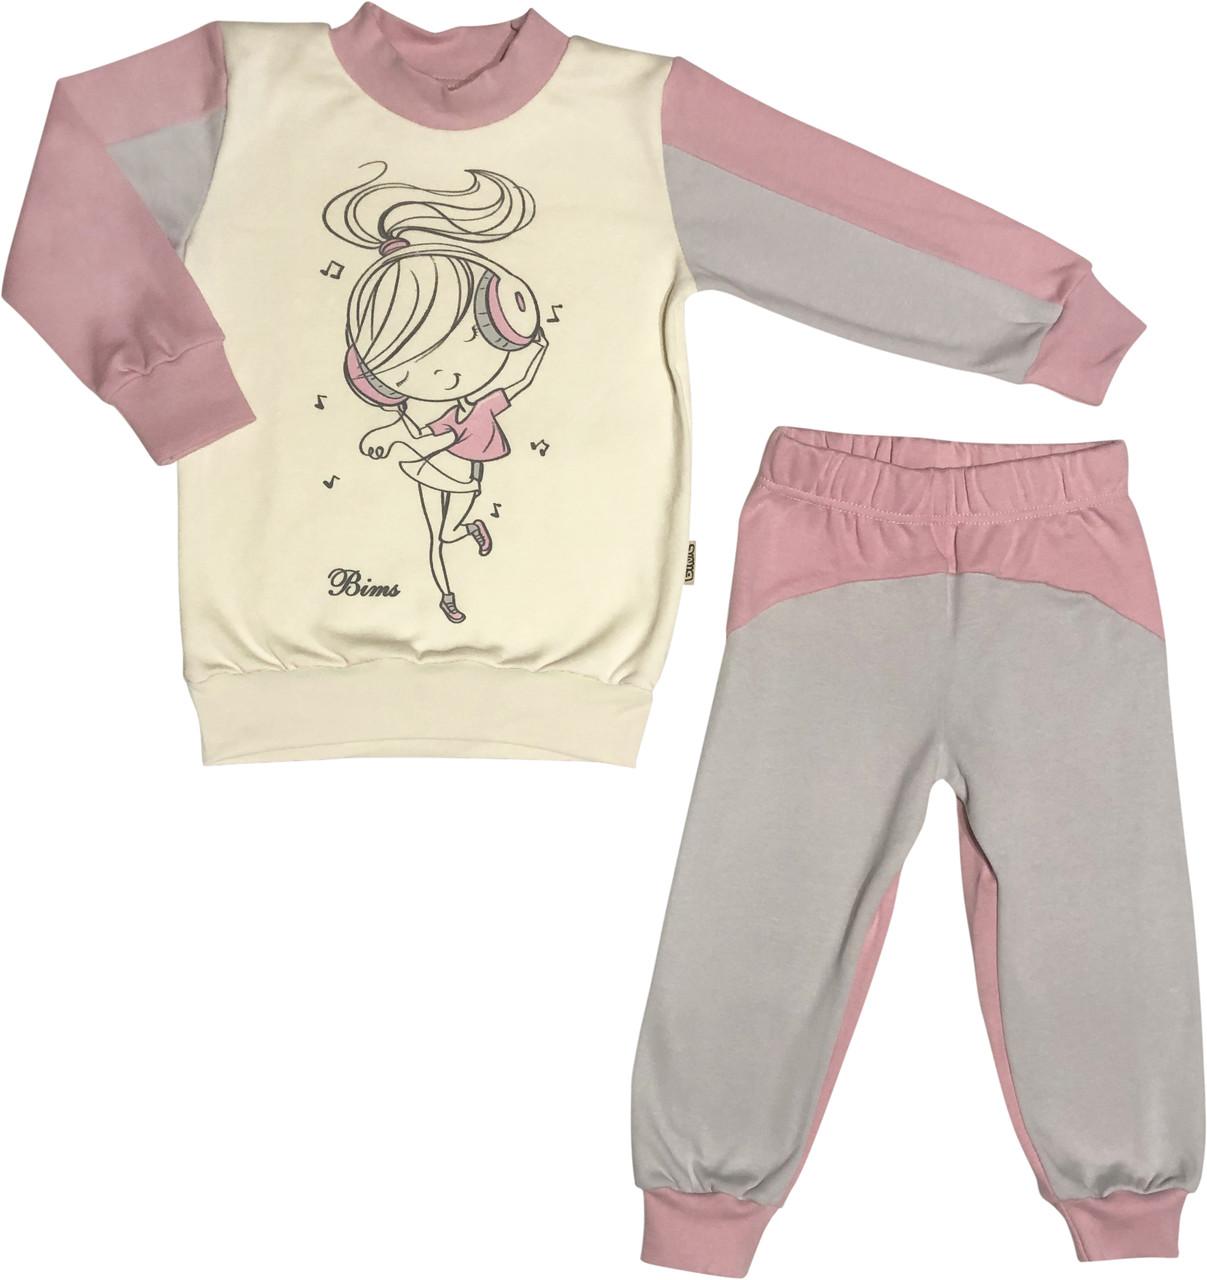 Дитяча піжама з начосом ріст 104 3-4 роки інтерлок рожевий на дівчинку для дітей Д-886